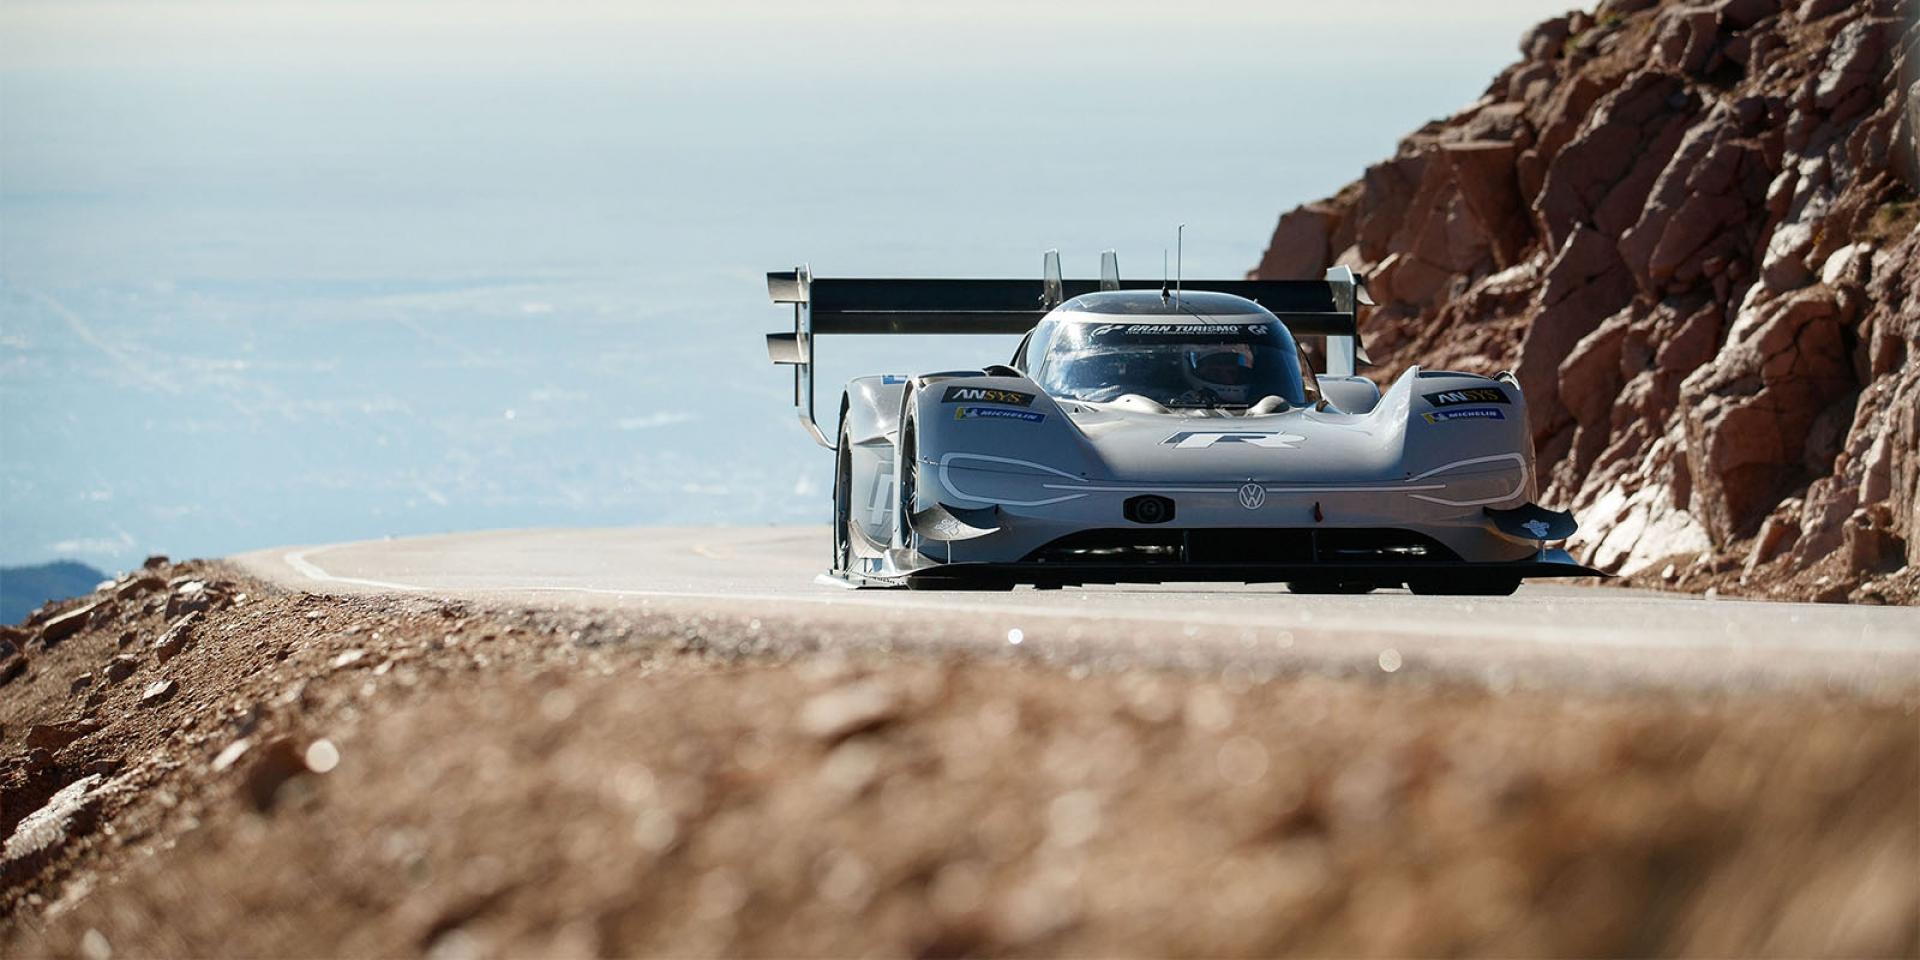 官方新聞稿。Volkswagen以純電能賽車寫下歷史新頁 I.D. R Pikes Peak以7分57.148秒成績成為最速紀錄保持者